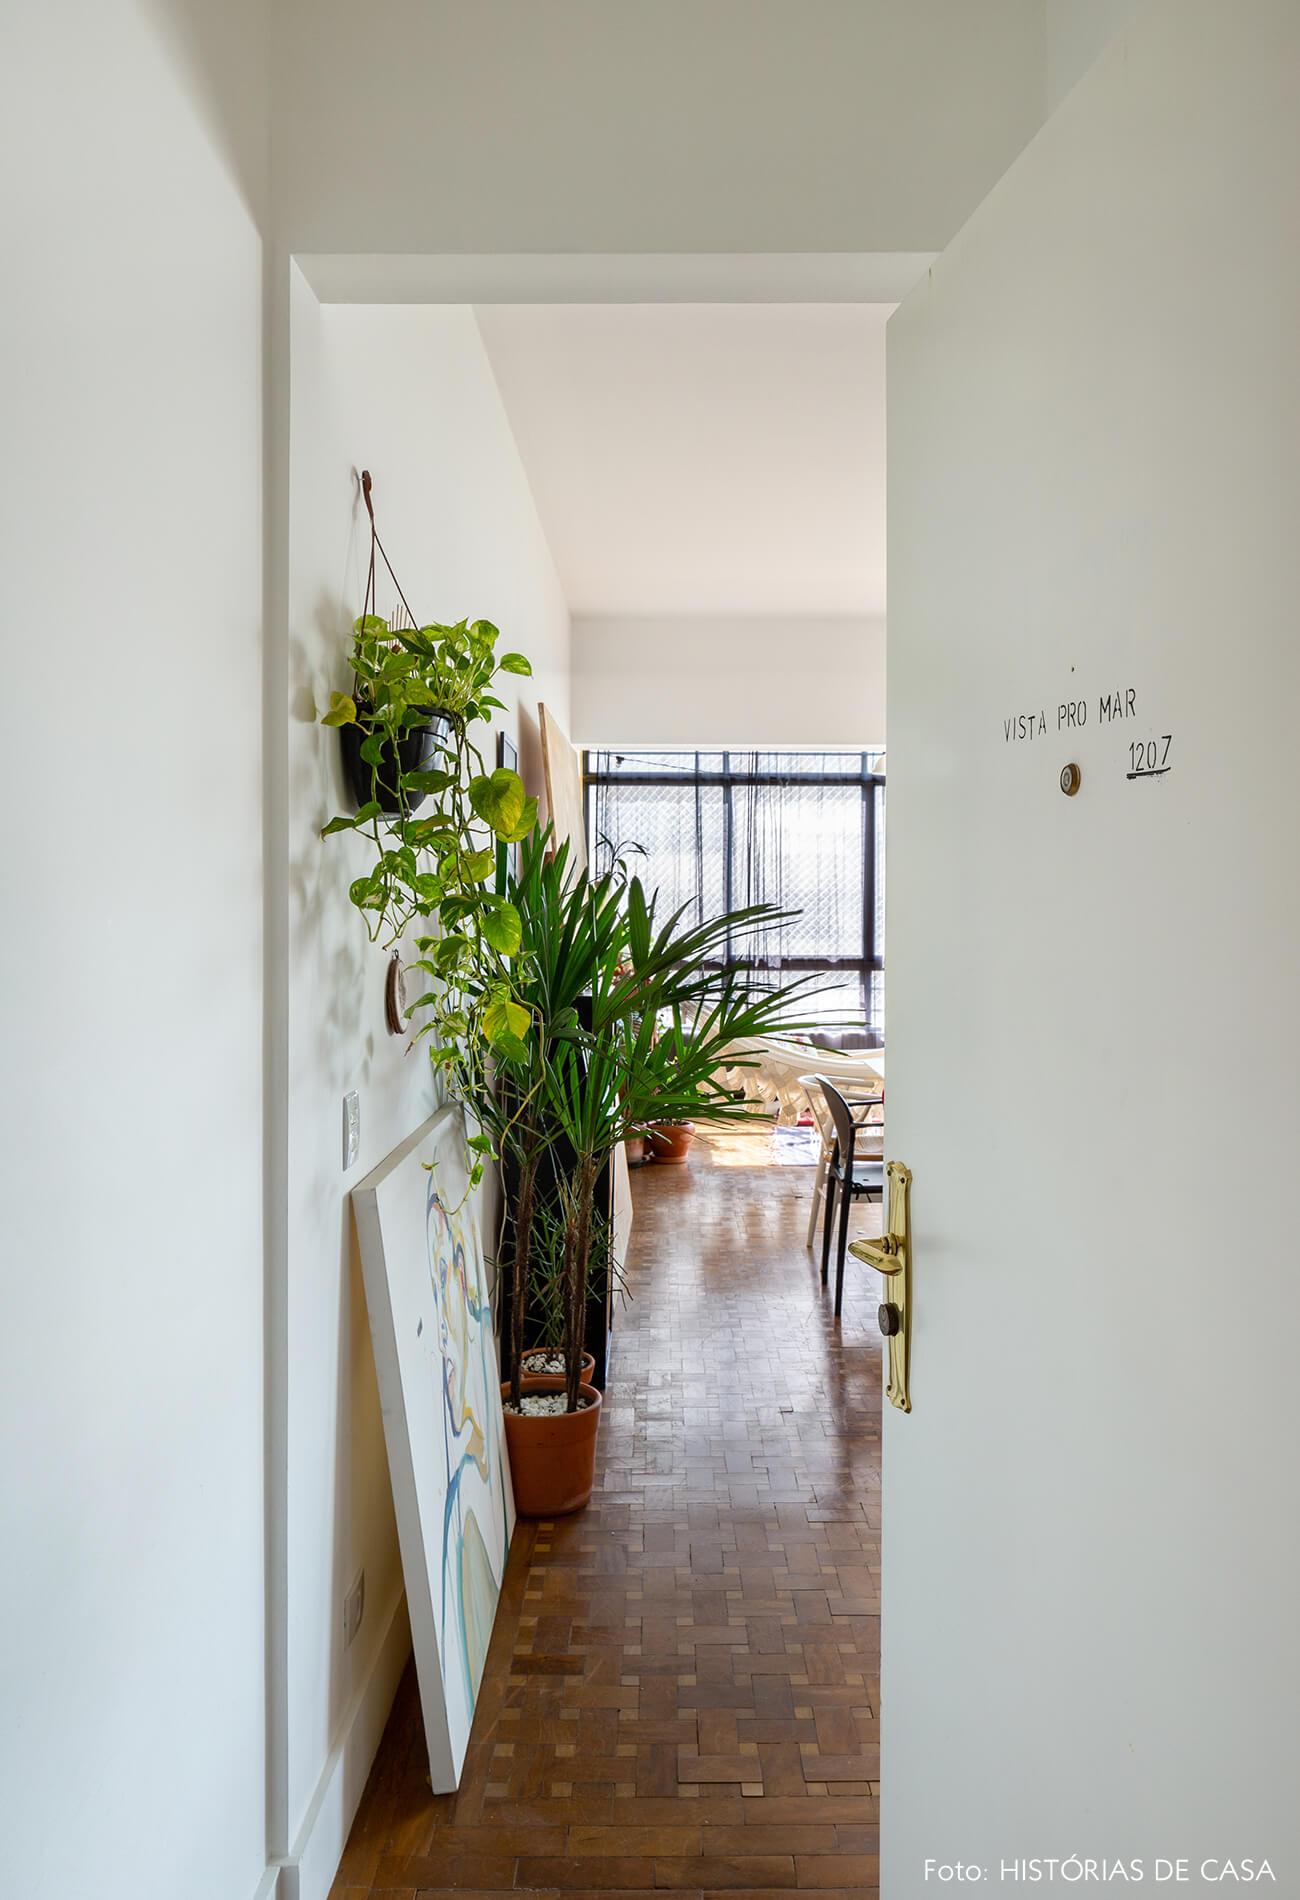 entrada-ap-sala-com-plantas-e-piso-de-madeira